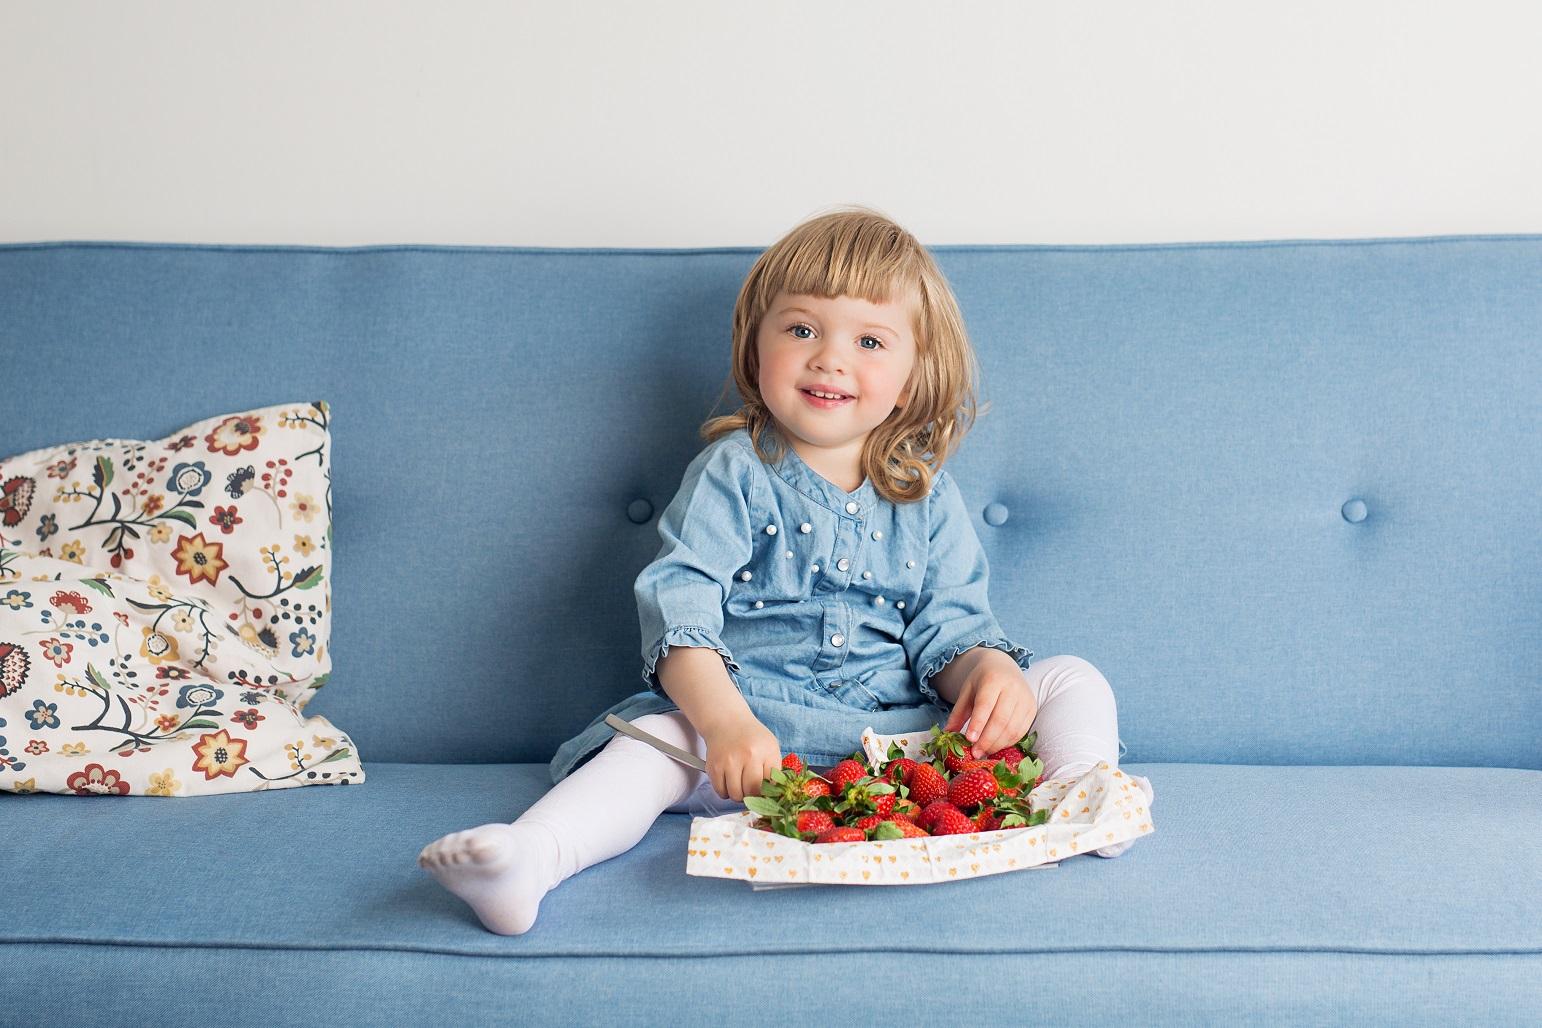 Jak robić dobre zdjęcia dzieciom? Kilka wskazówek